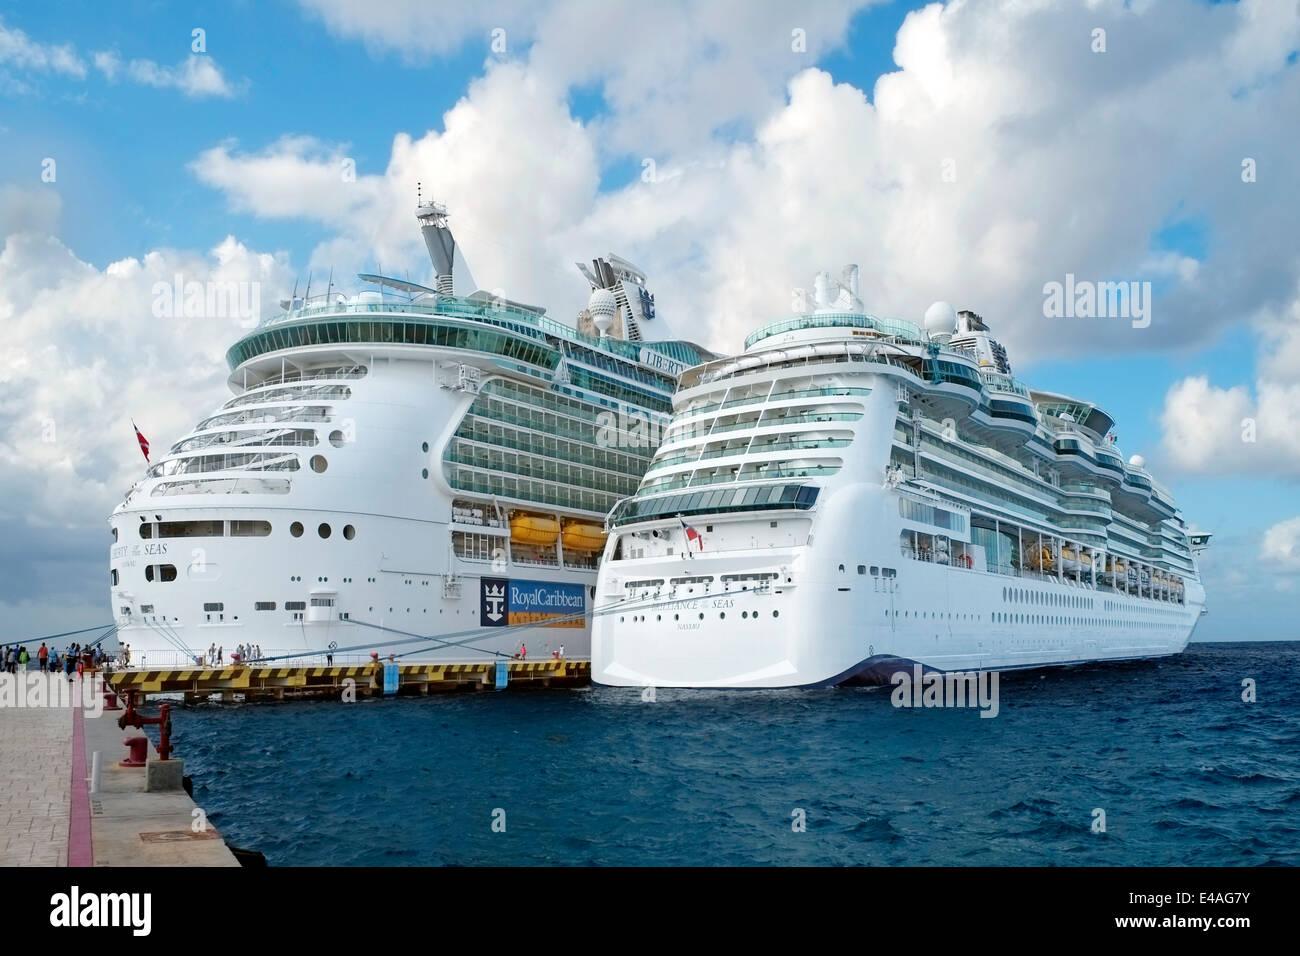 Royal Caribbean Cruceros Cozumel México la brillantez de los mares Imagen  De Stock 4b01ffb234ad